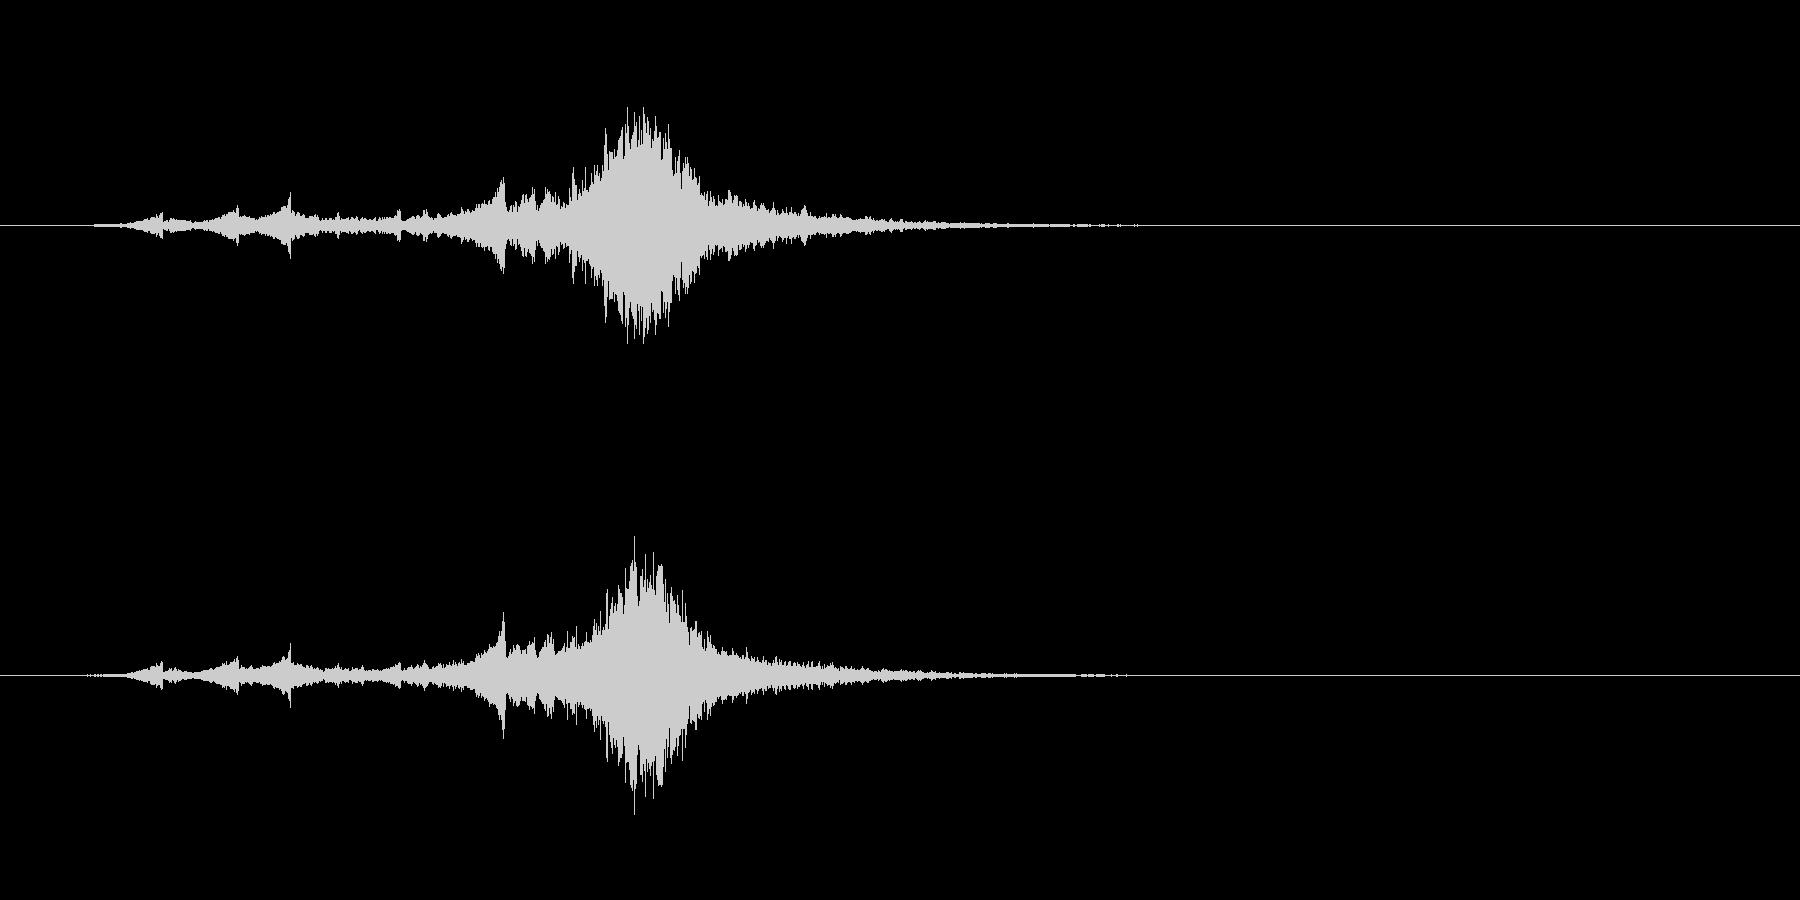 シャリーンというベルの音の未再生の波形